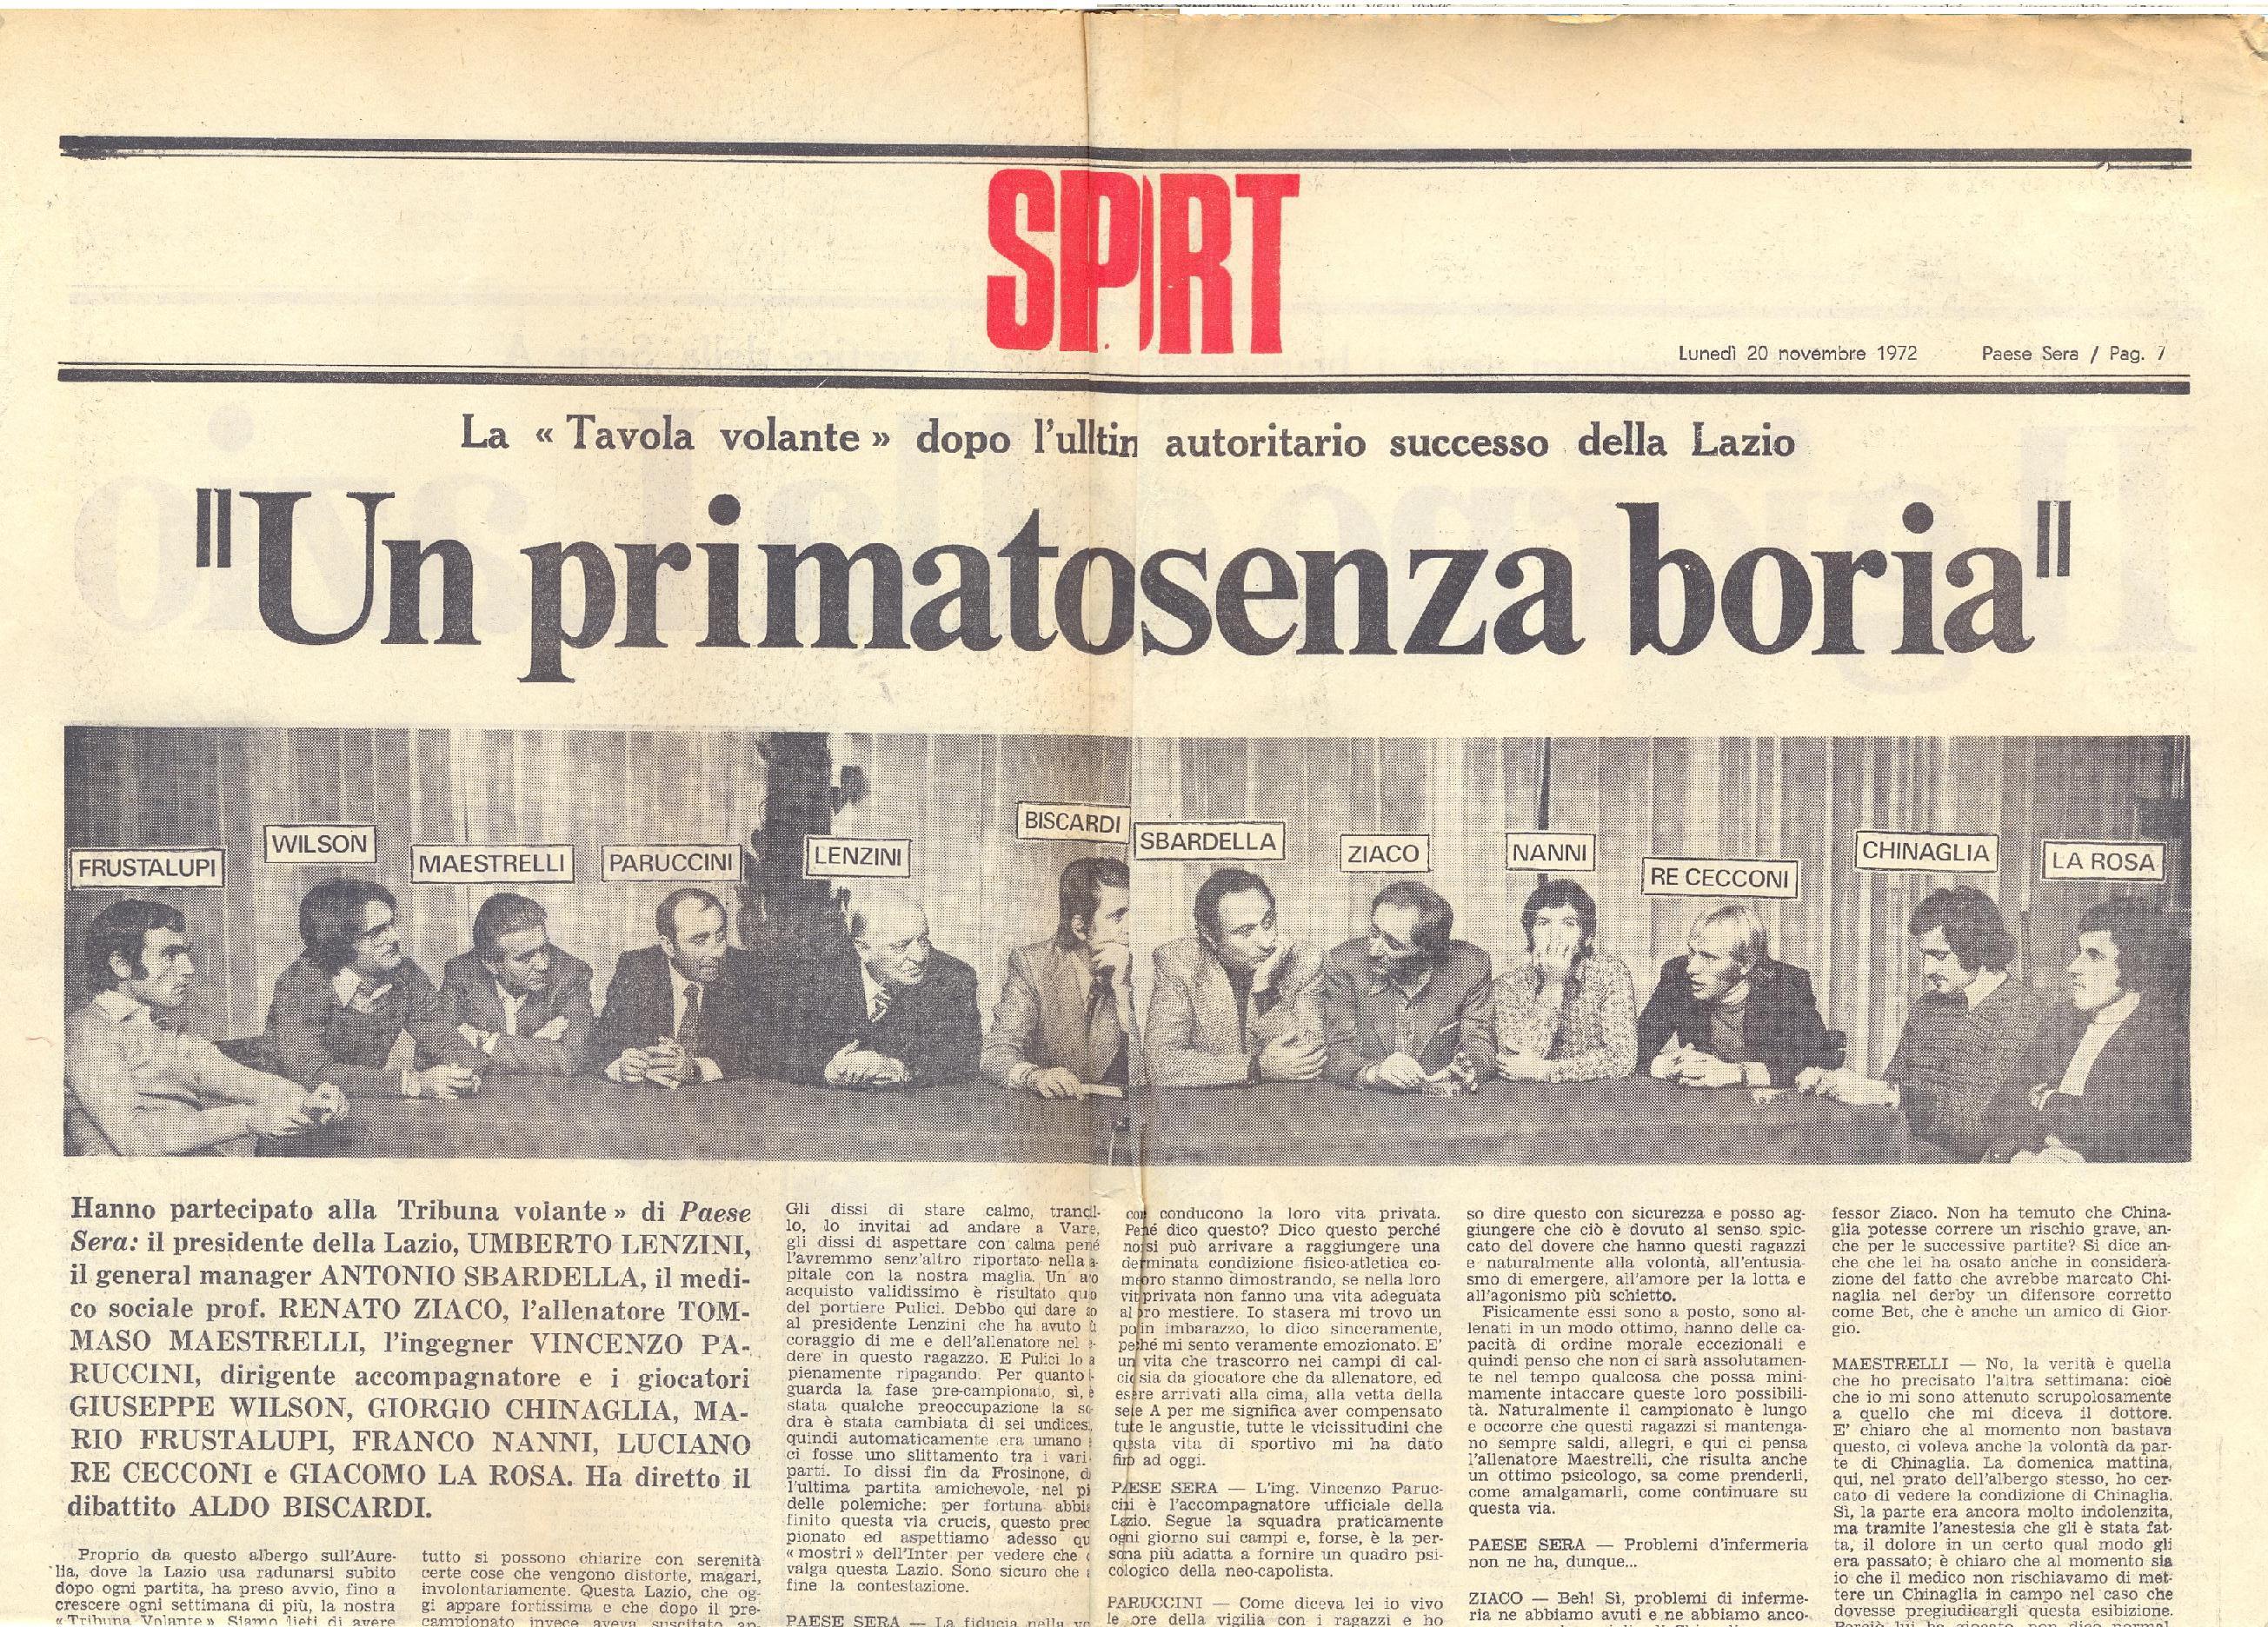 20 novembre 1972 La Lazio ¨ prima a sorpresa e i giornali si contendono i giocatori Gent Conc Famiglia Ziaco